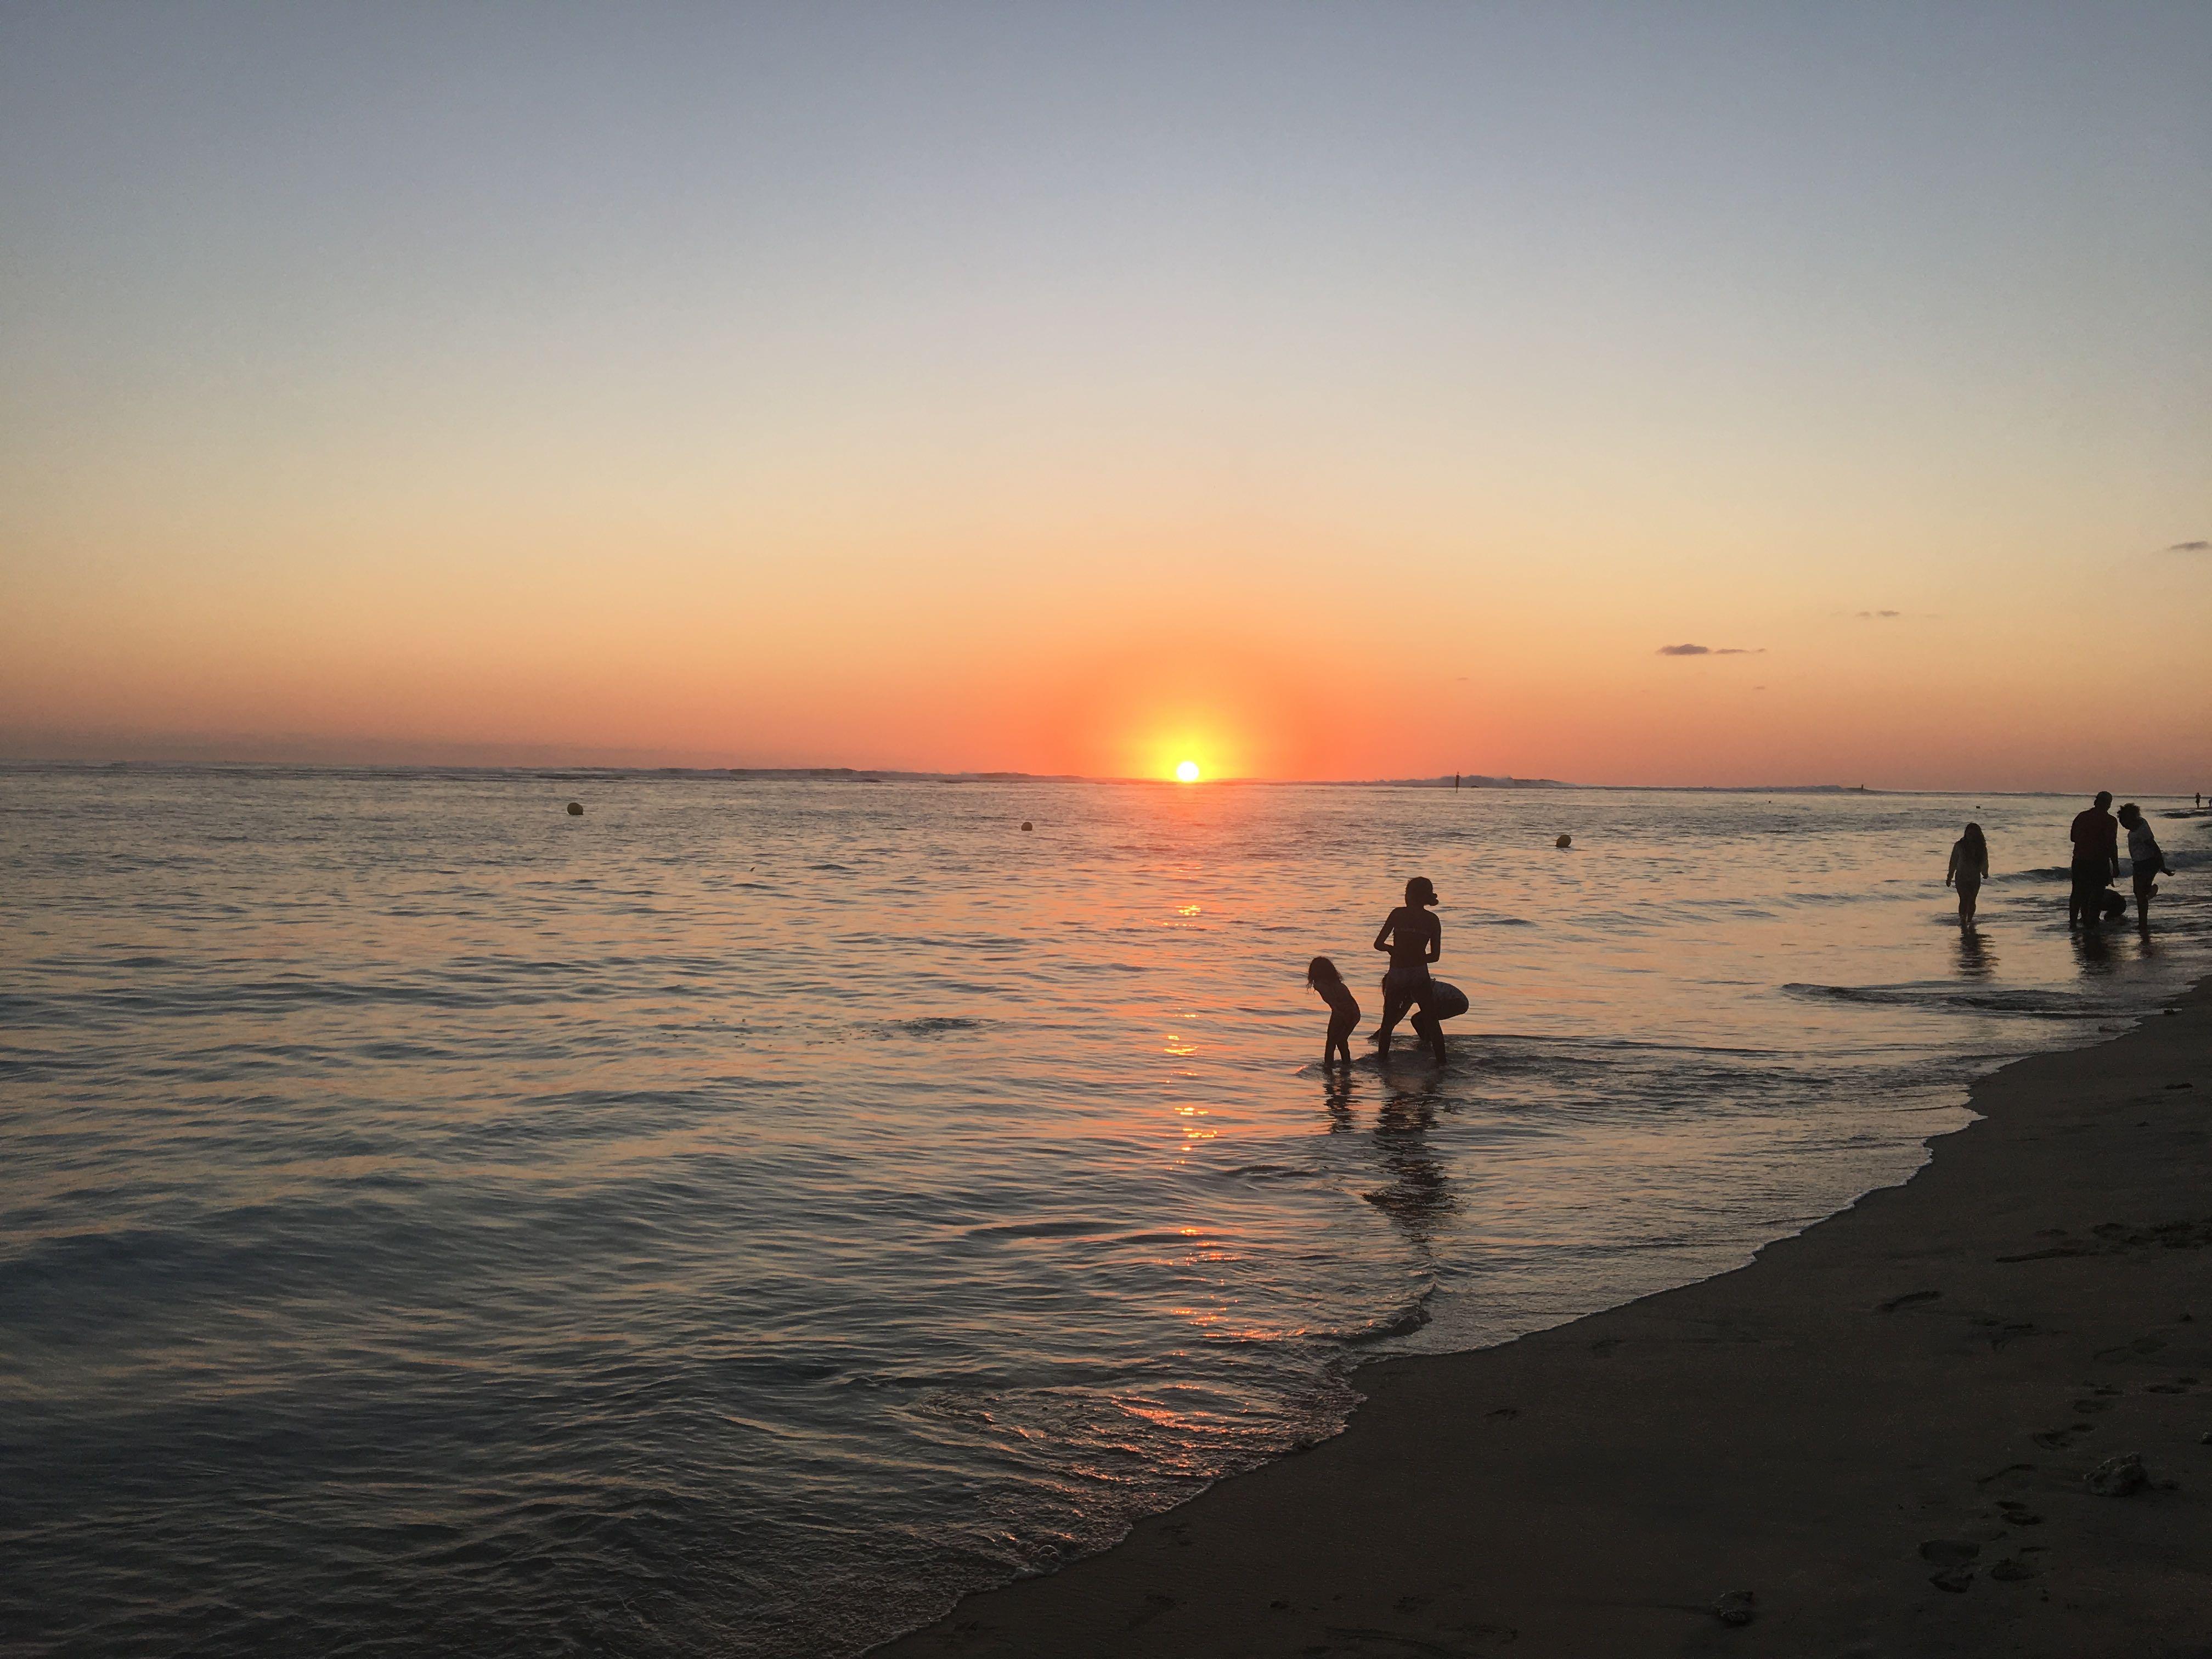 coucher de soleil, île de la réunion